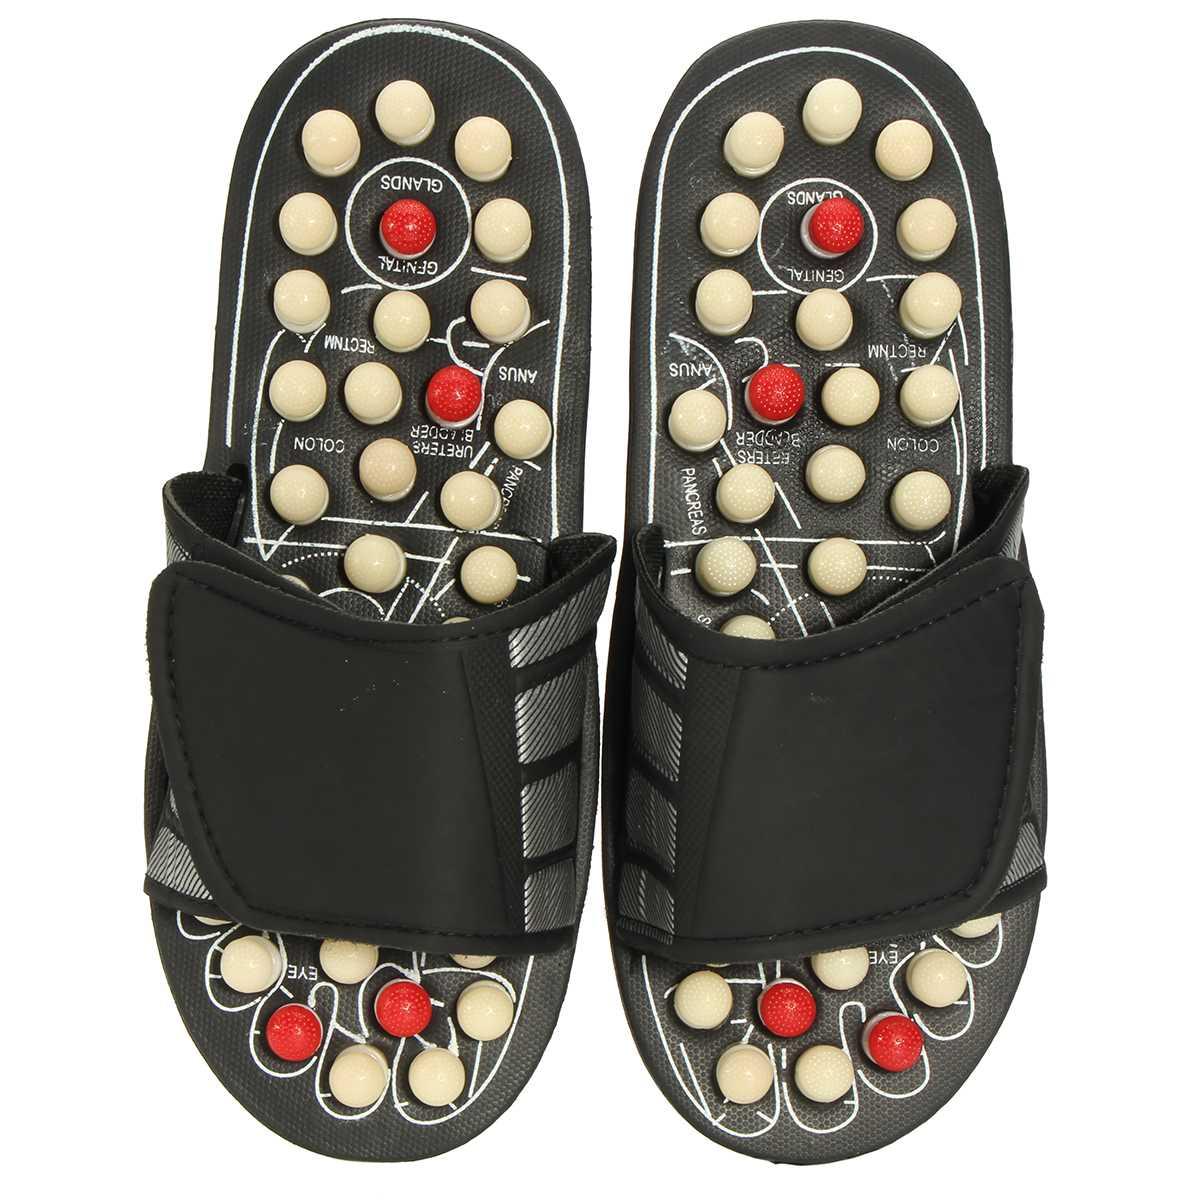 ユニセックス 1 ペア医療サンダル足マッサージスリッパ男性の女性のためリフレクソロジー指圧足ケア鍼マッサージの靴